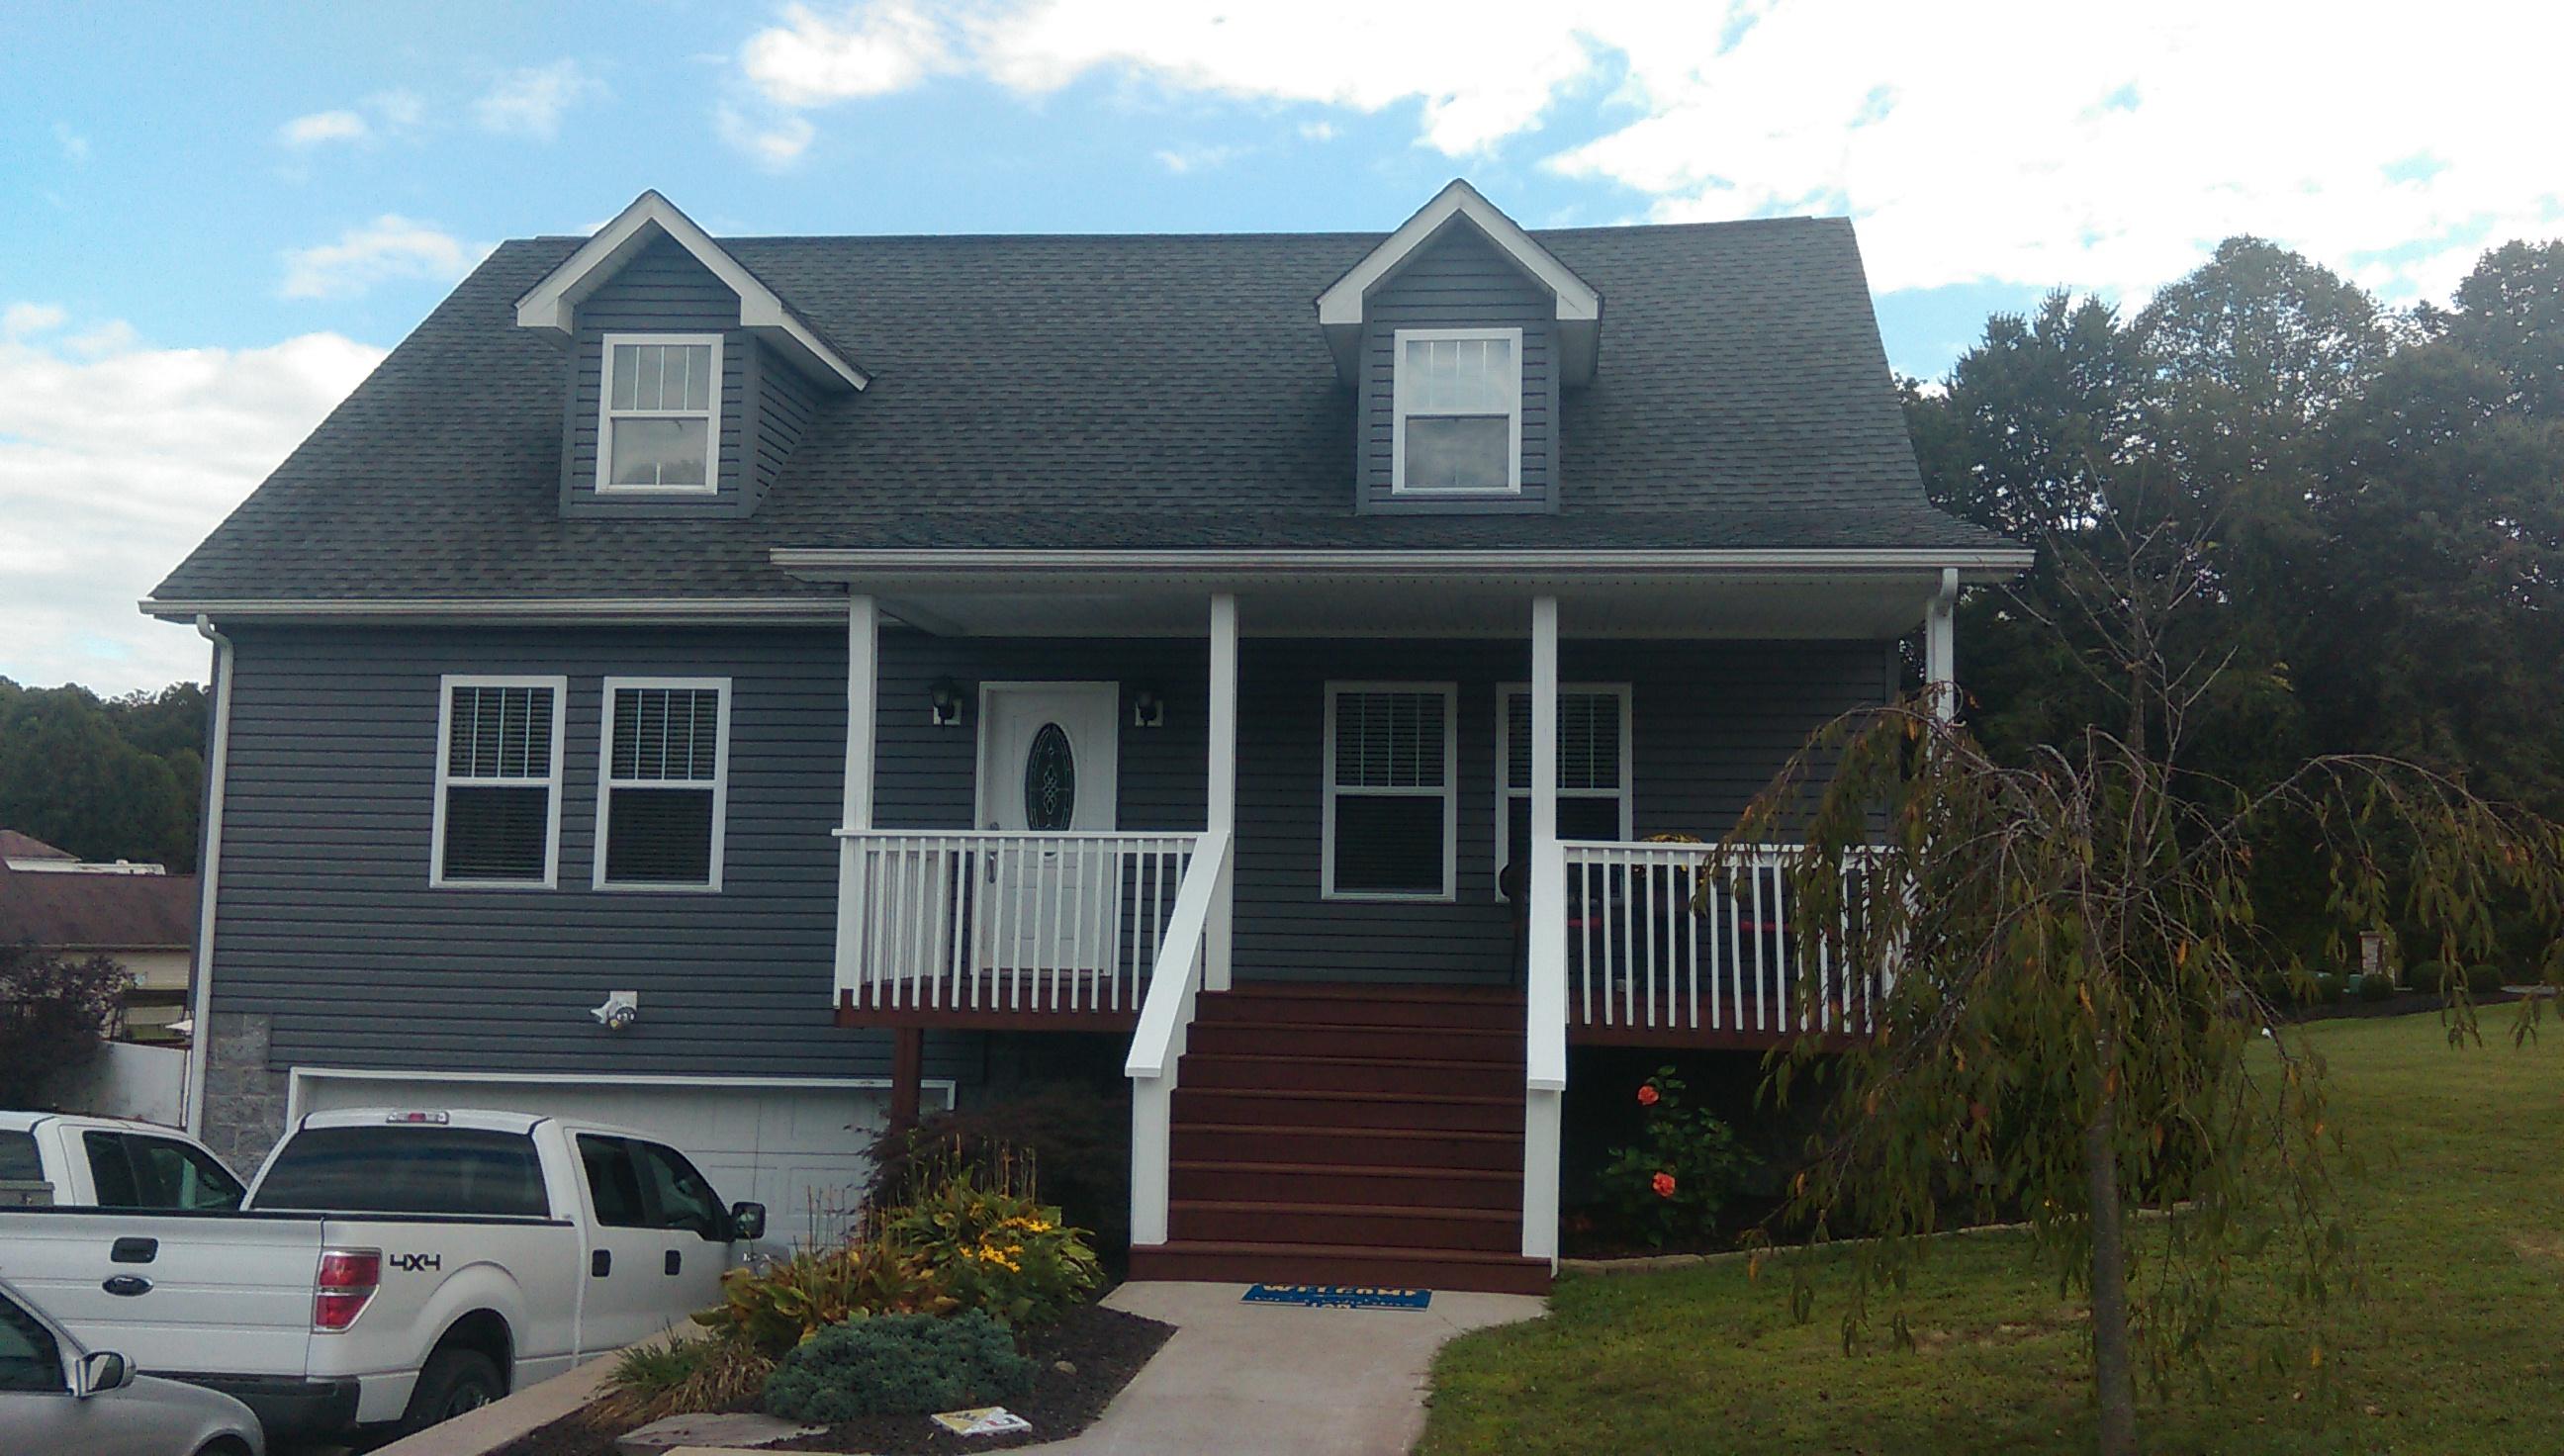 70 Abigail Lane, Fayetteville, West Virginia 25840